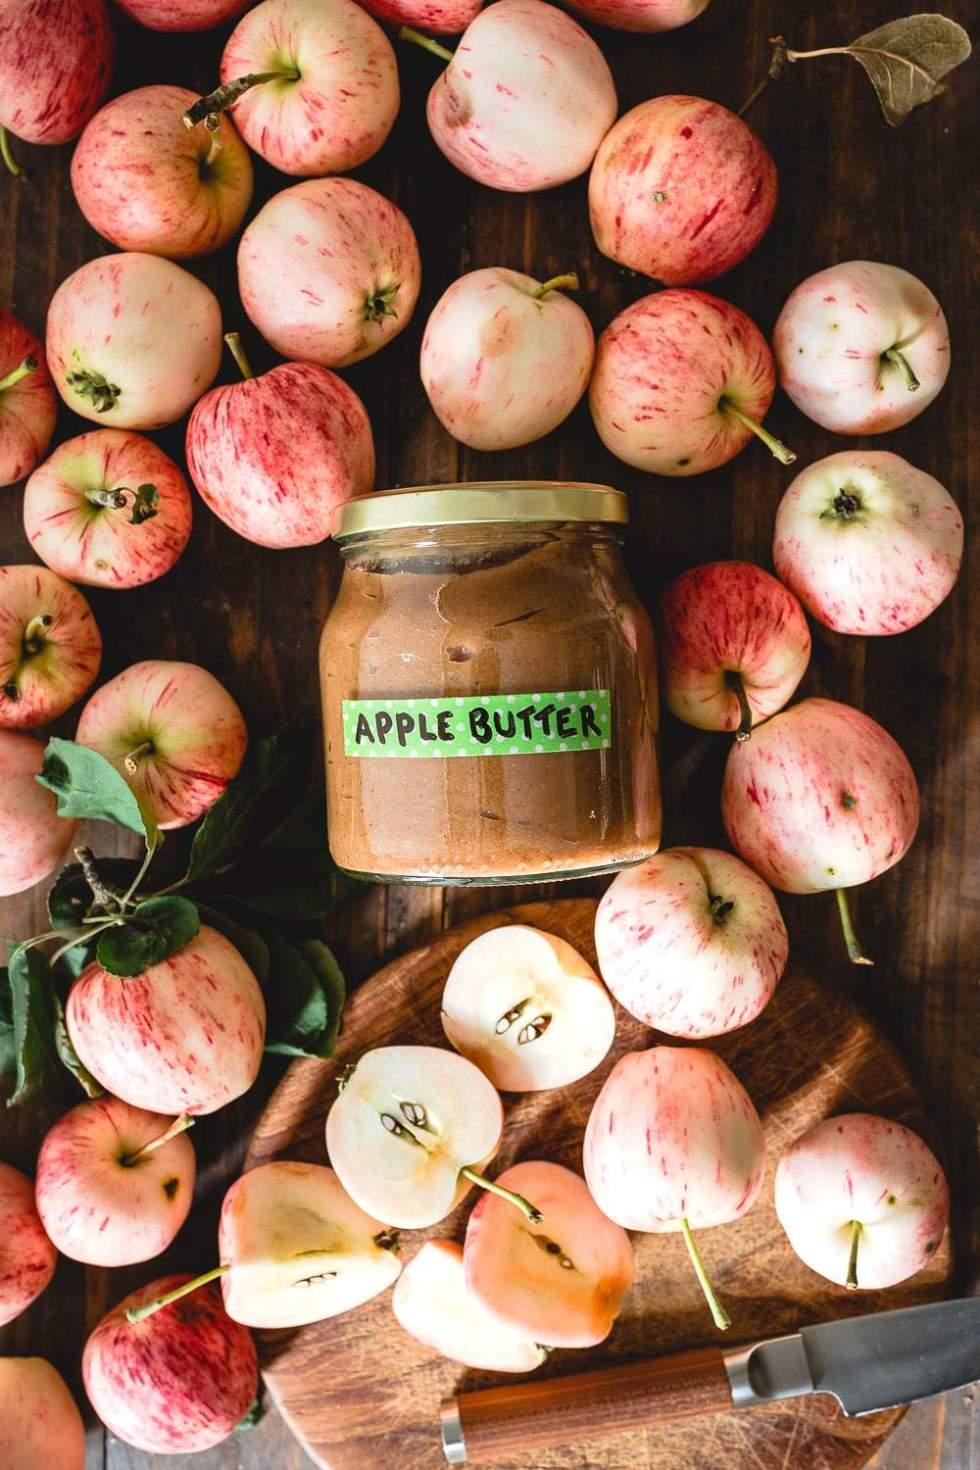 Applesauce vs Apple Butter